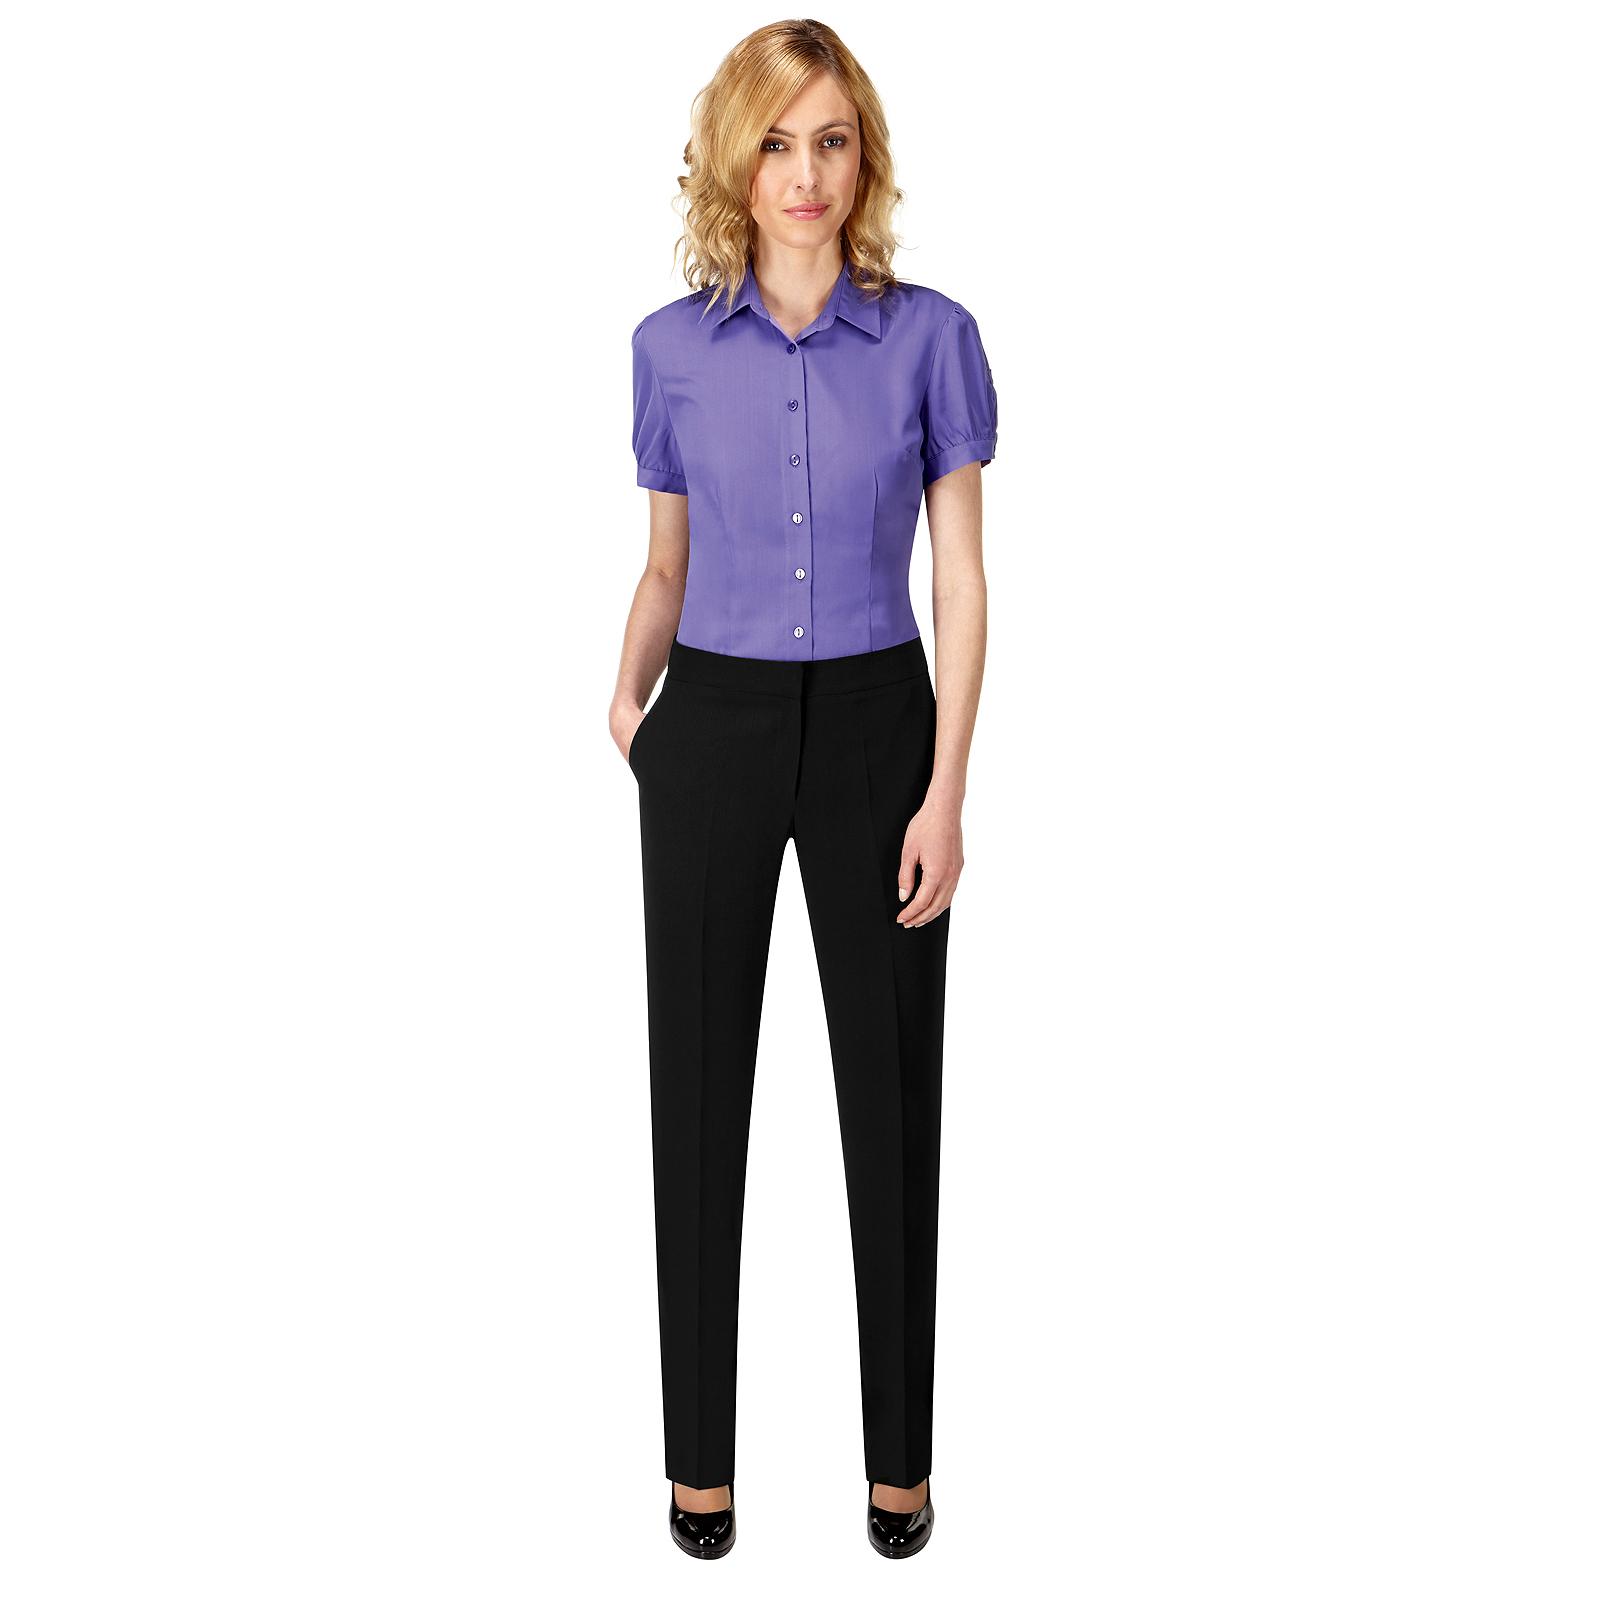 c222e88b9e71 Sentinel Womens Ladies Essential Natalie Work Suit Trousers Formal Fit Dress  Pants Black